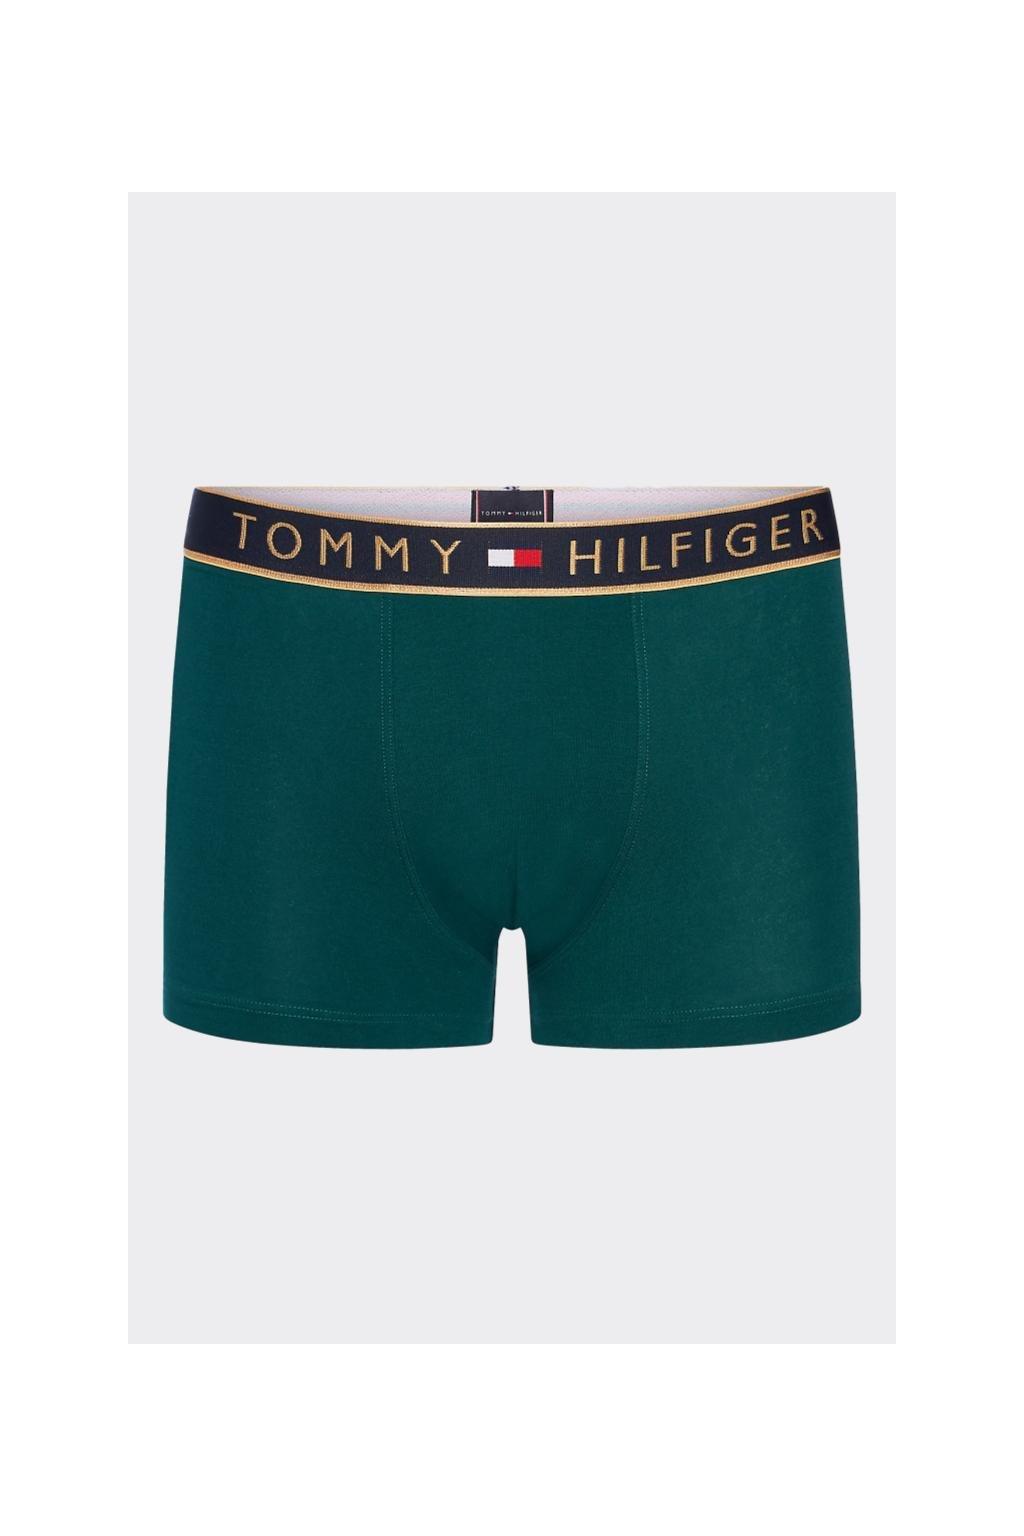 Dárkové balení Tommy Hilfiger boxerky - zelená